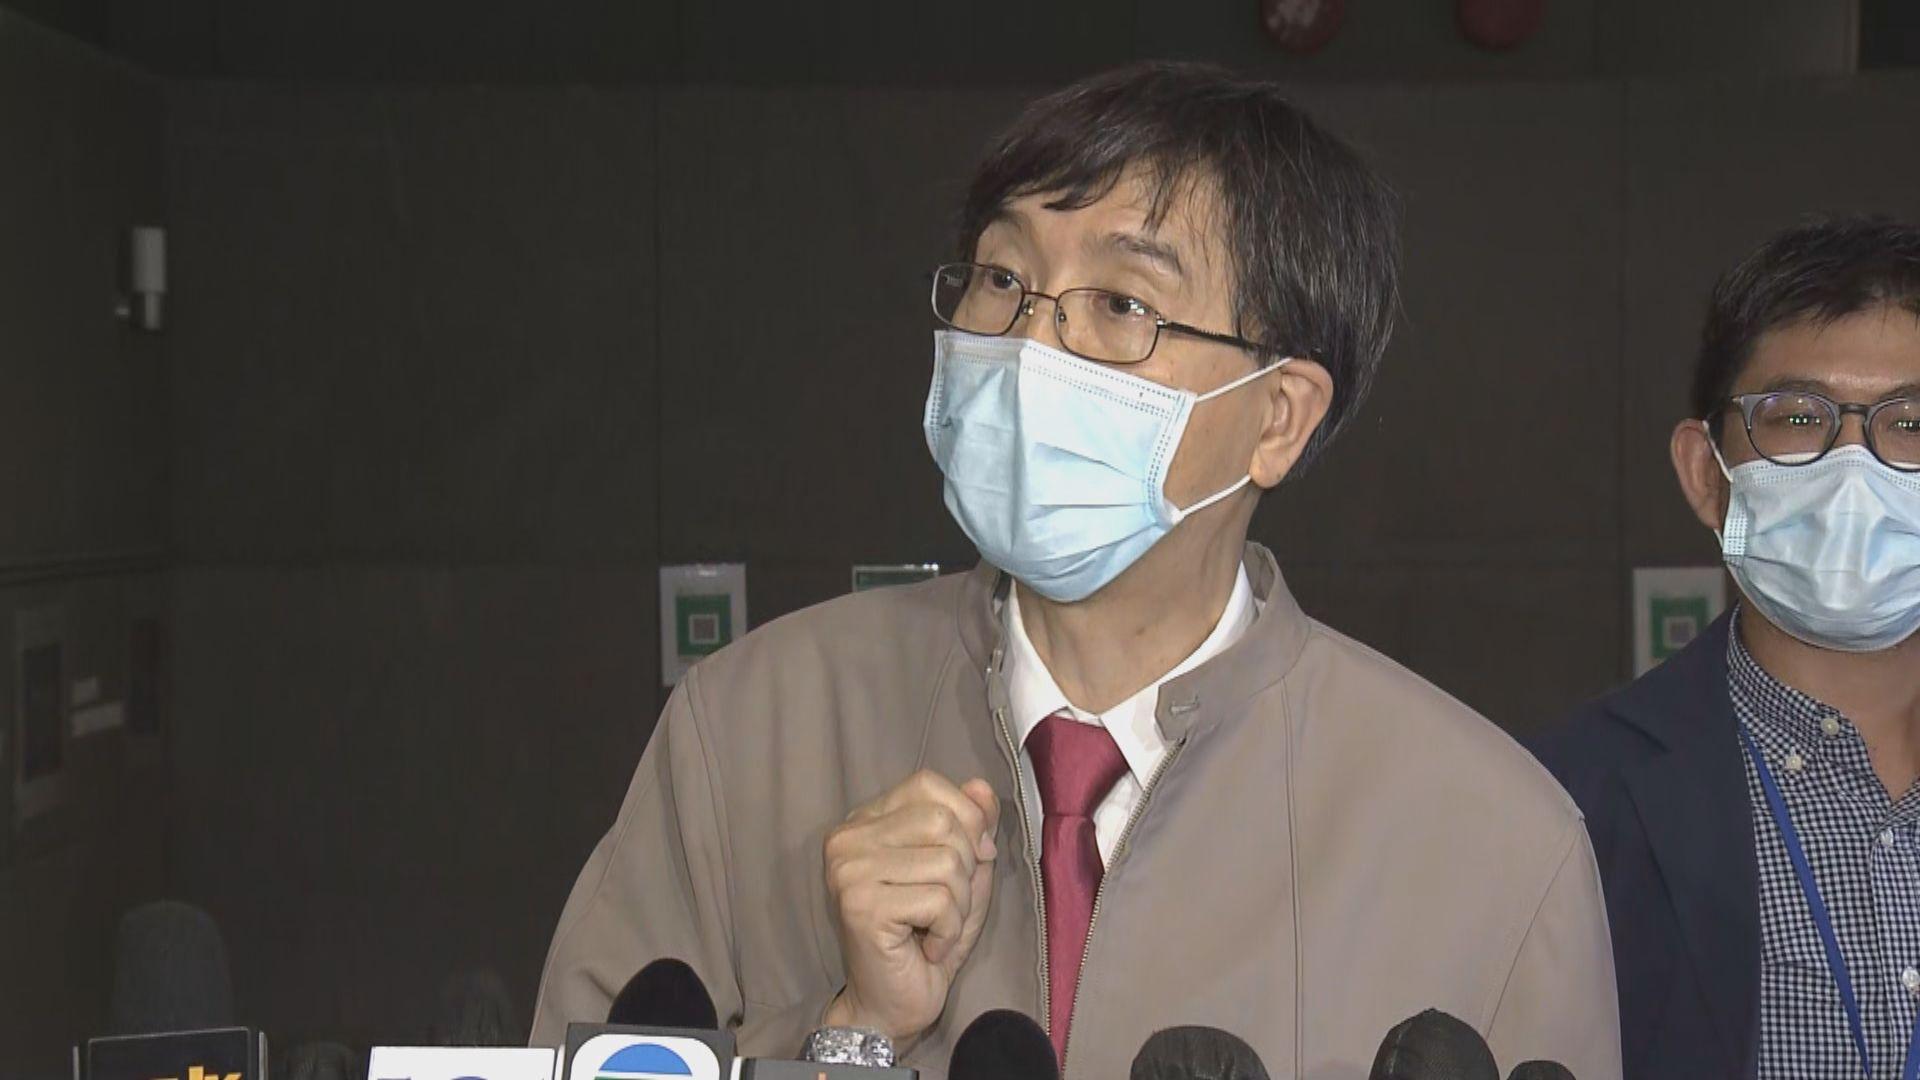 袁國勇:相信男童為真陽性個案 病毒量低致覆檢呈陰性